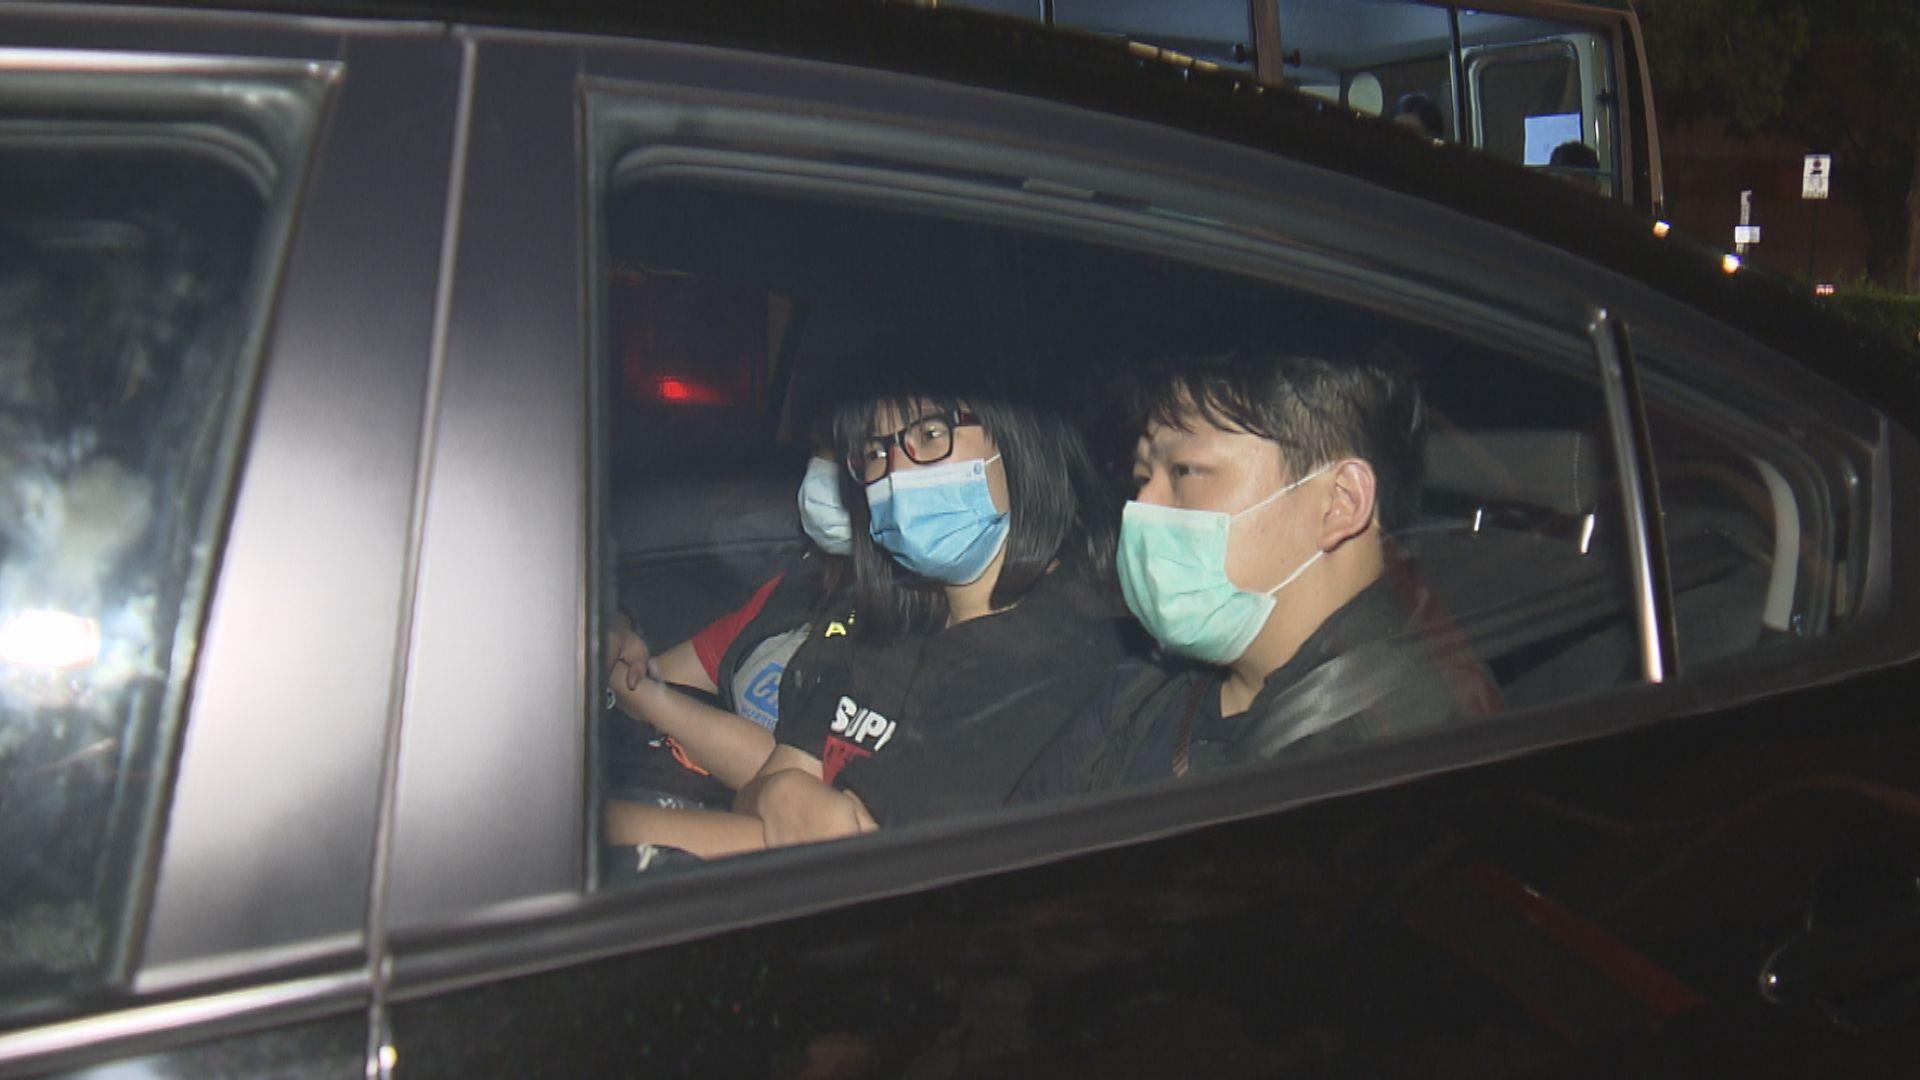 鄒幸彤被控煽惑他人明知而參與未經批准集結須還柙